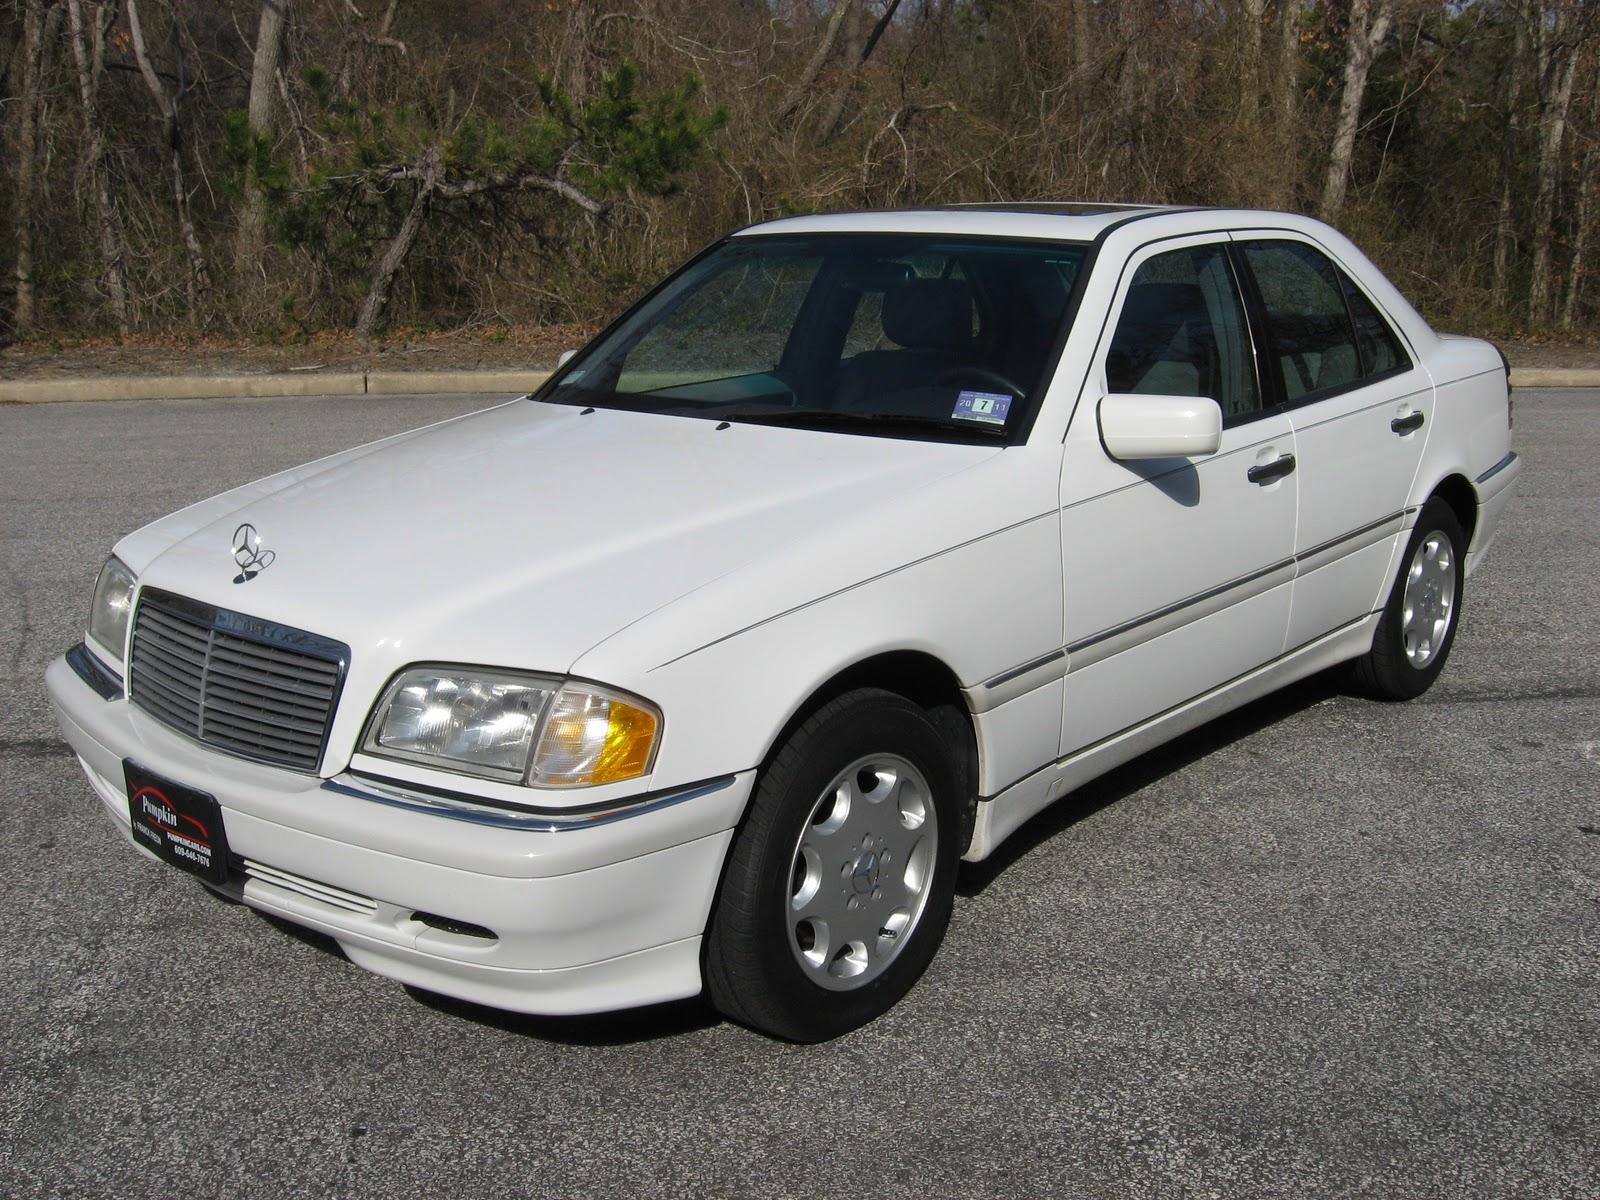 1998 mercedes benz c class image 4 for Mercedes benz c class 1998